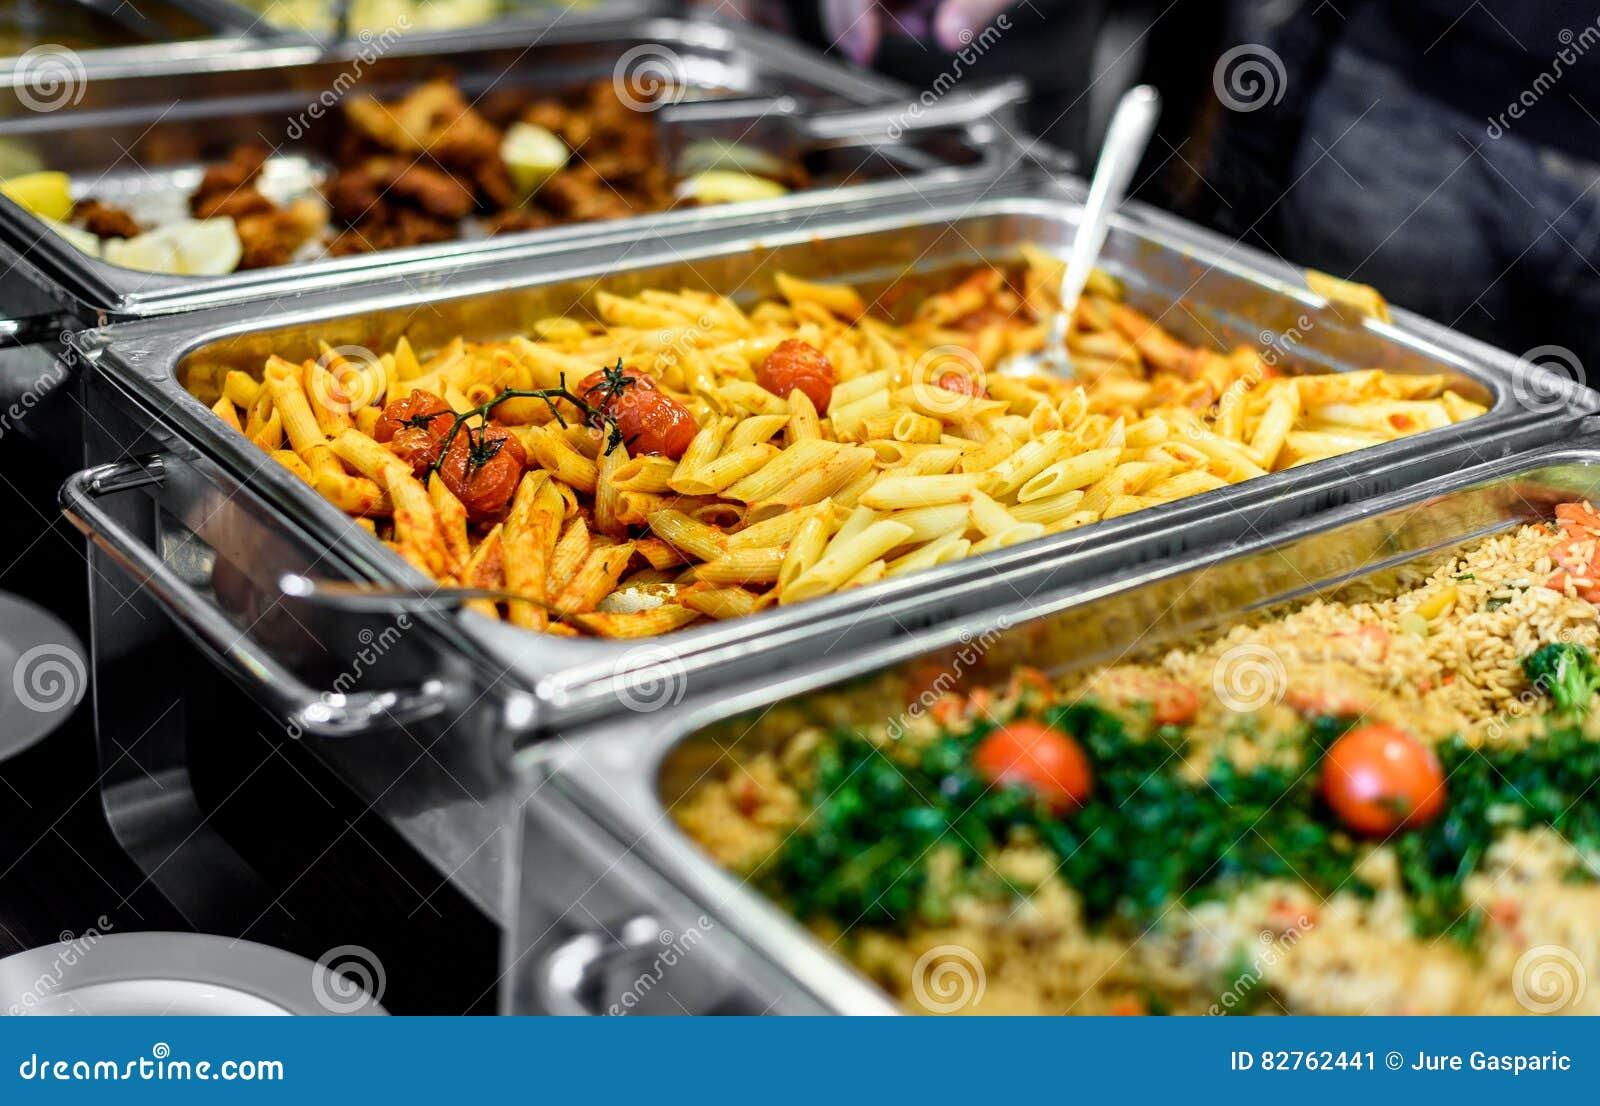 用餐食物庆祝的烹调烹饪自助餐晚餐承办酒席. 美食, 会议.图片